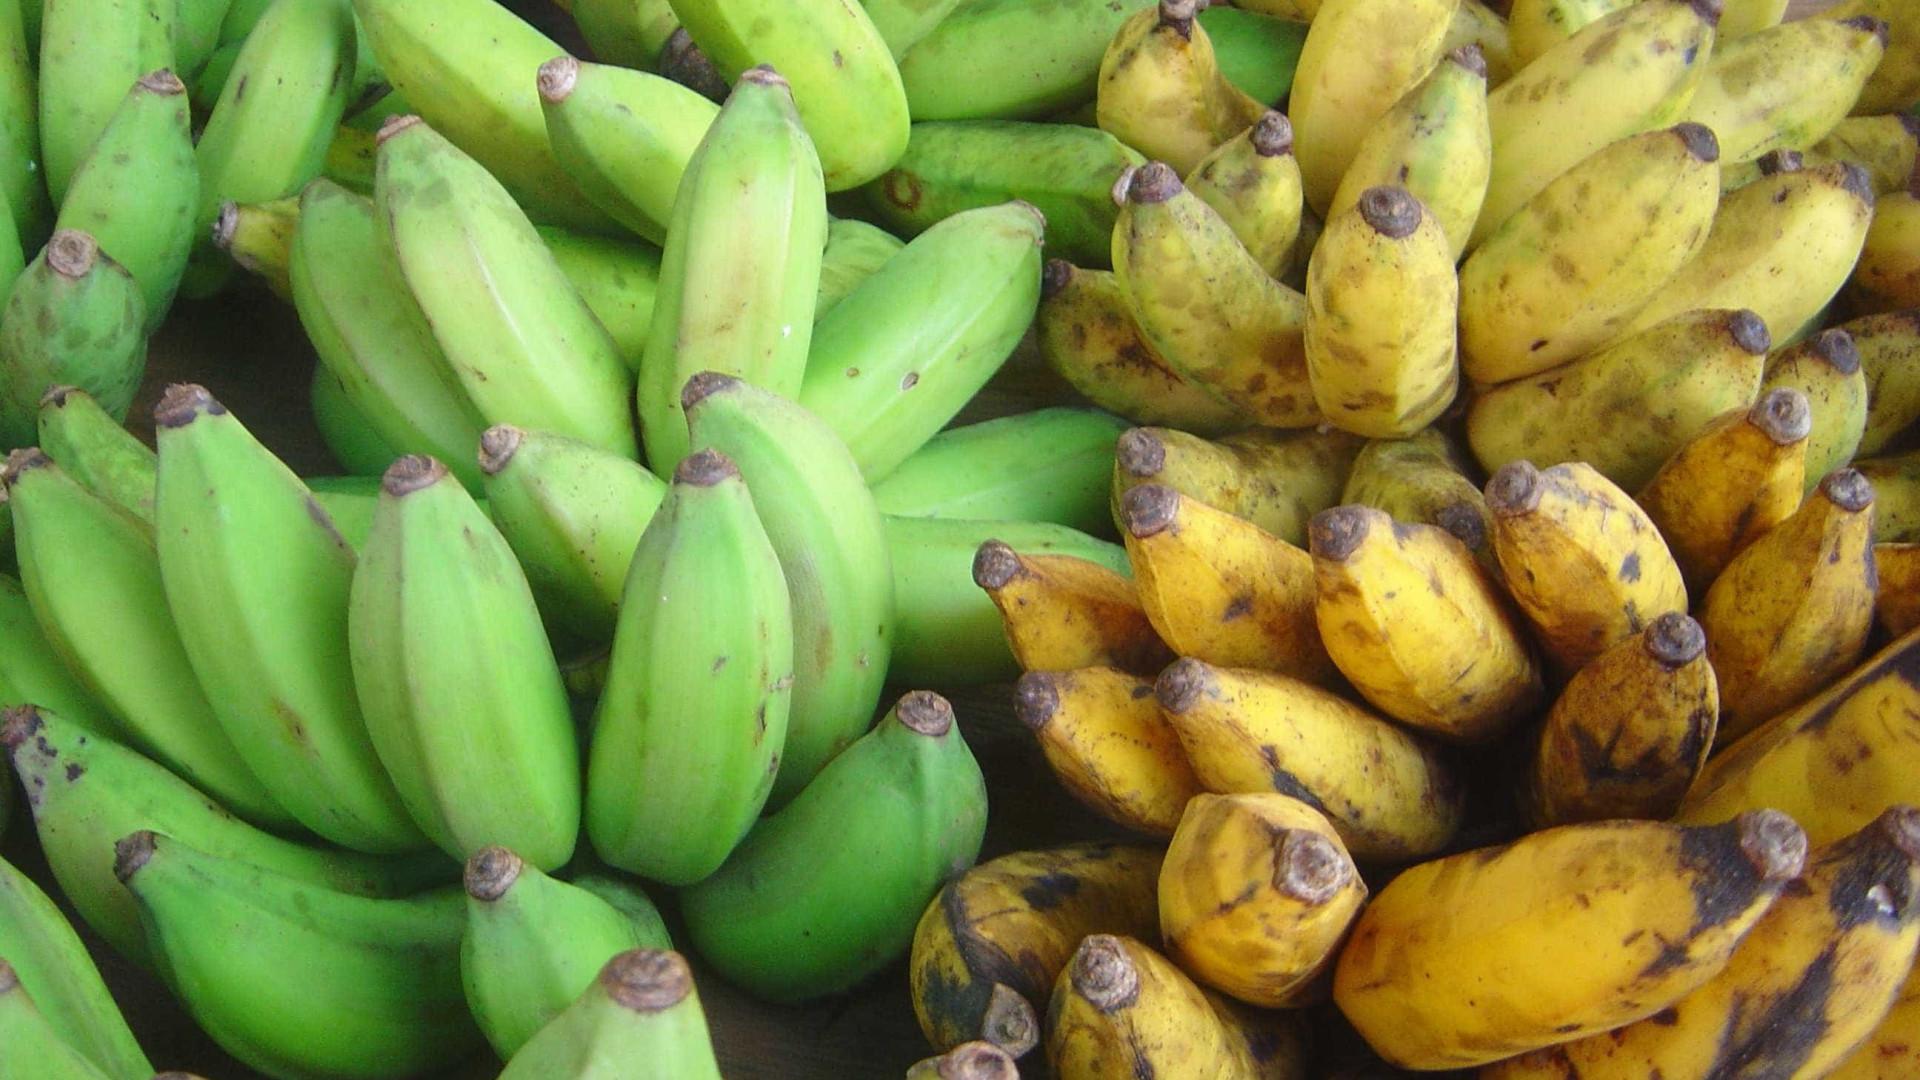 dieta da banana matinal – diminui o apetite e emagreça